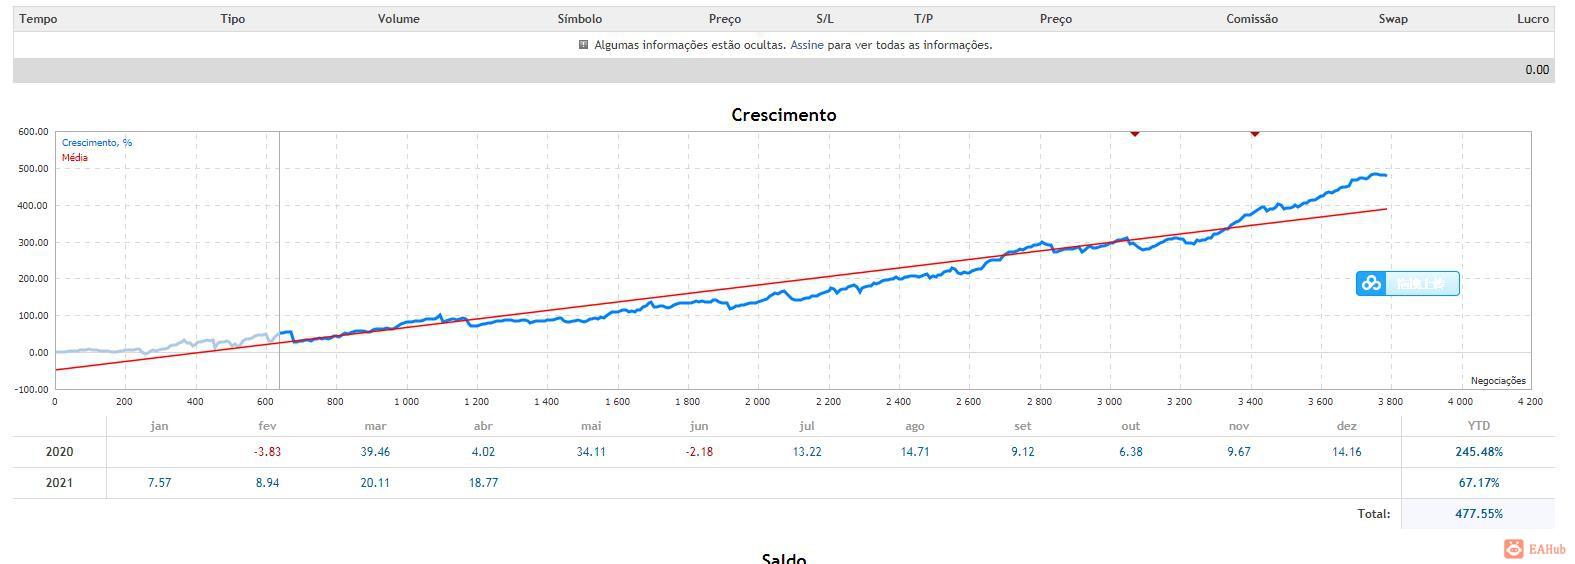 一掌金ea测评:R Factor EA(值得实盘) - EAHub外汇EA智能交易社区